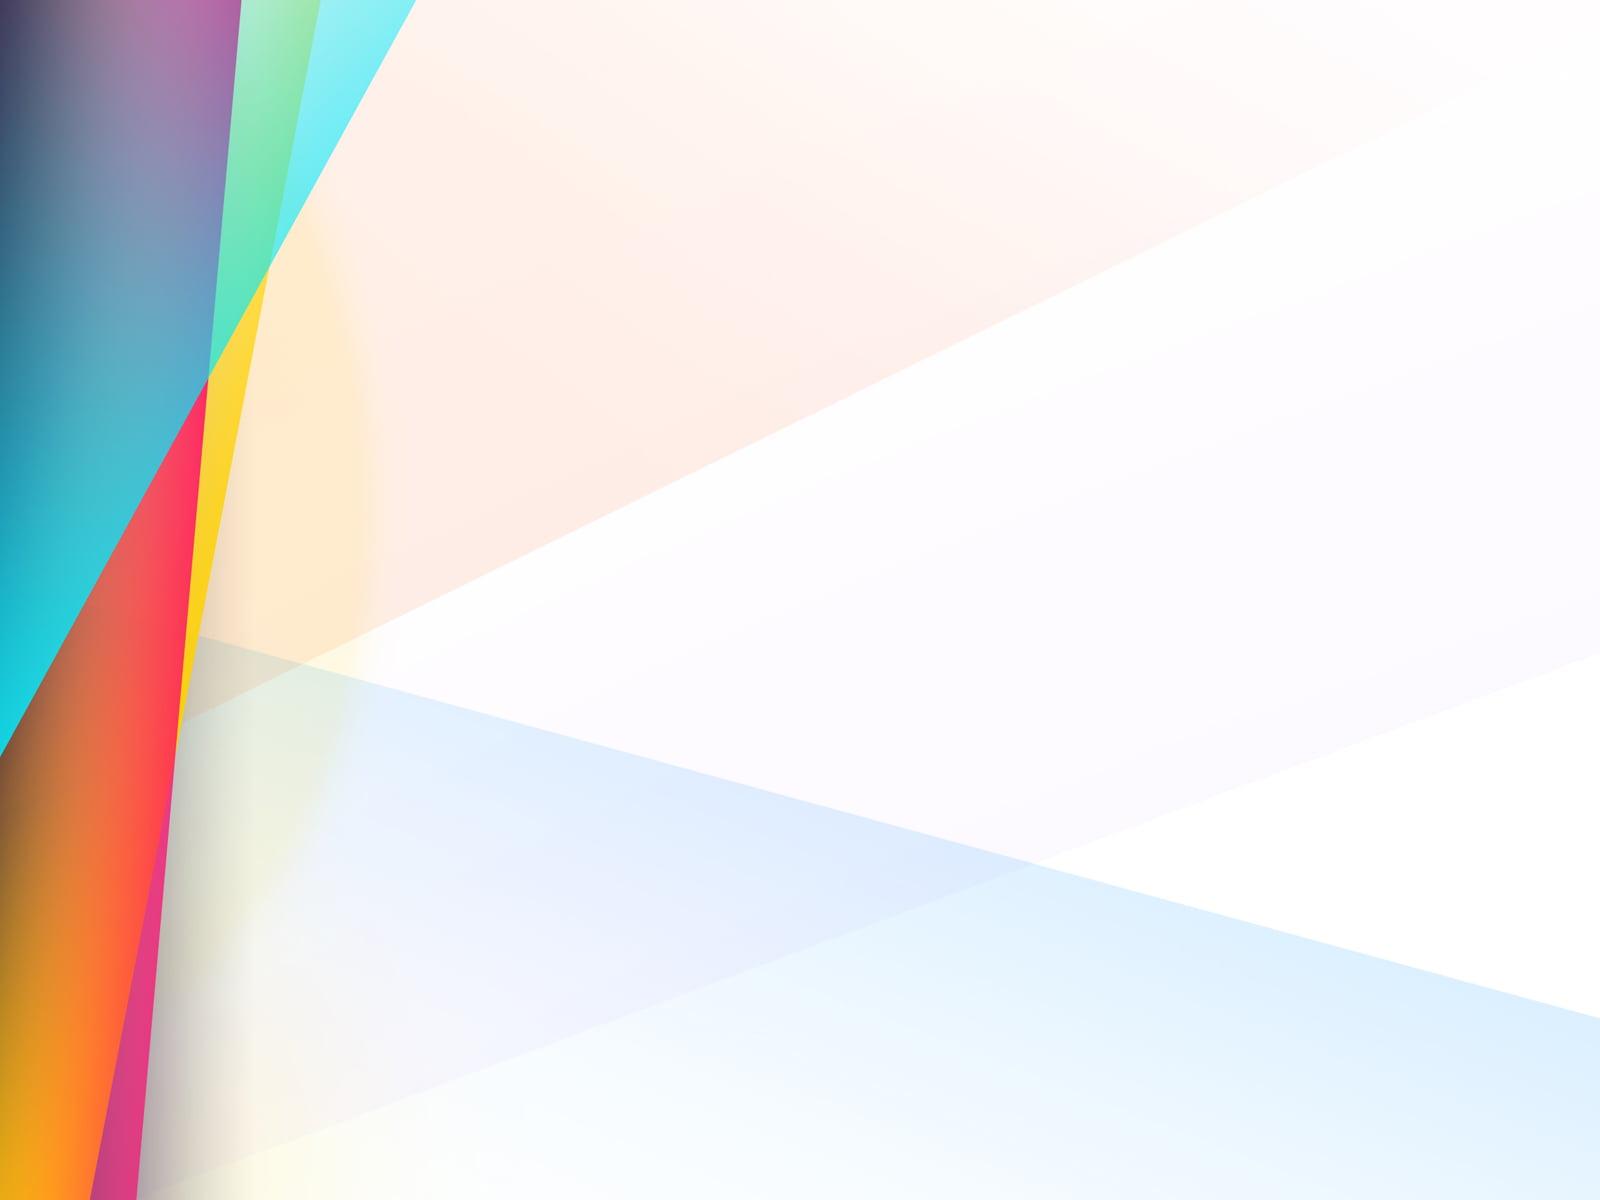 Background powerpoint màu sắc đẹp